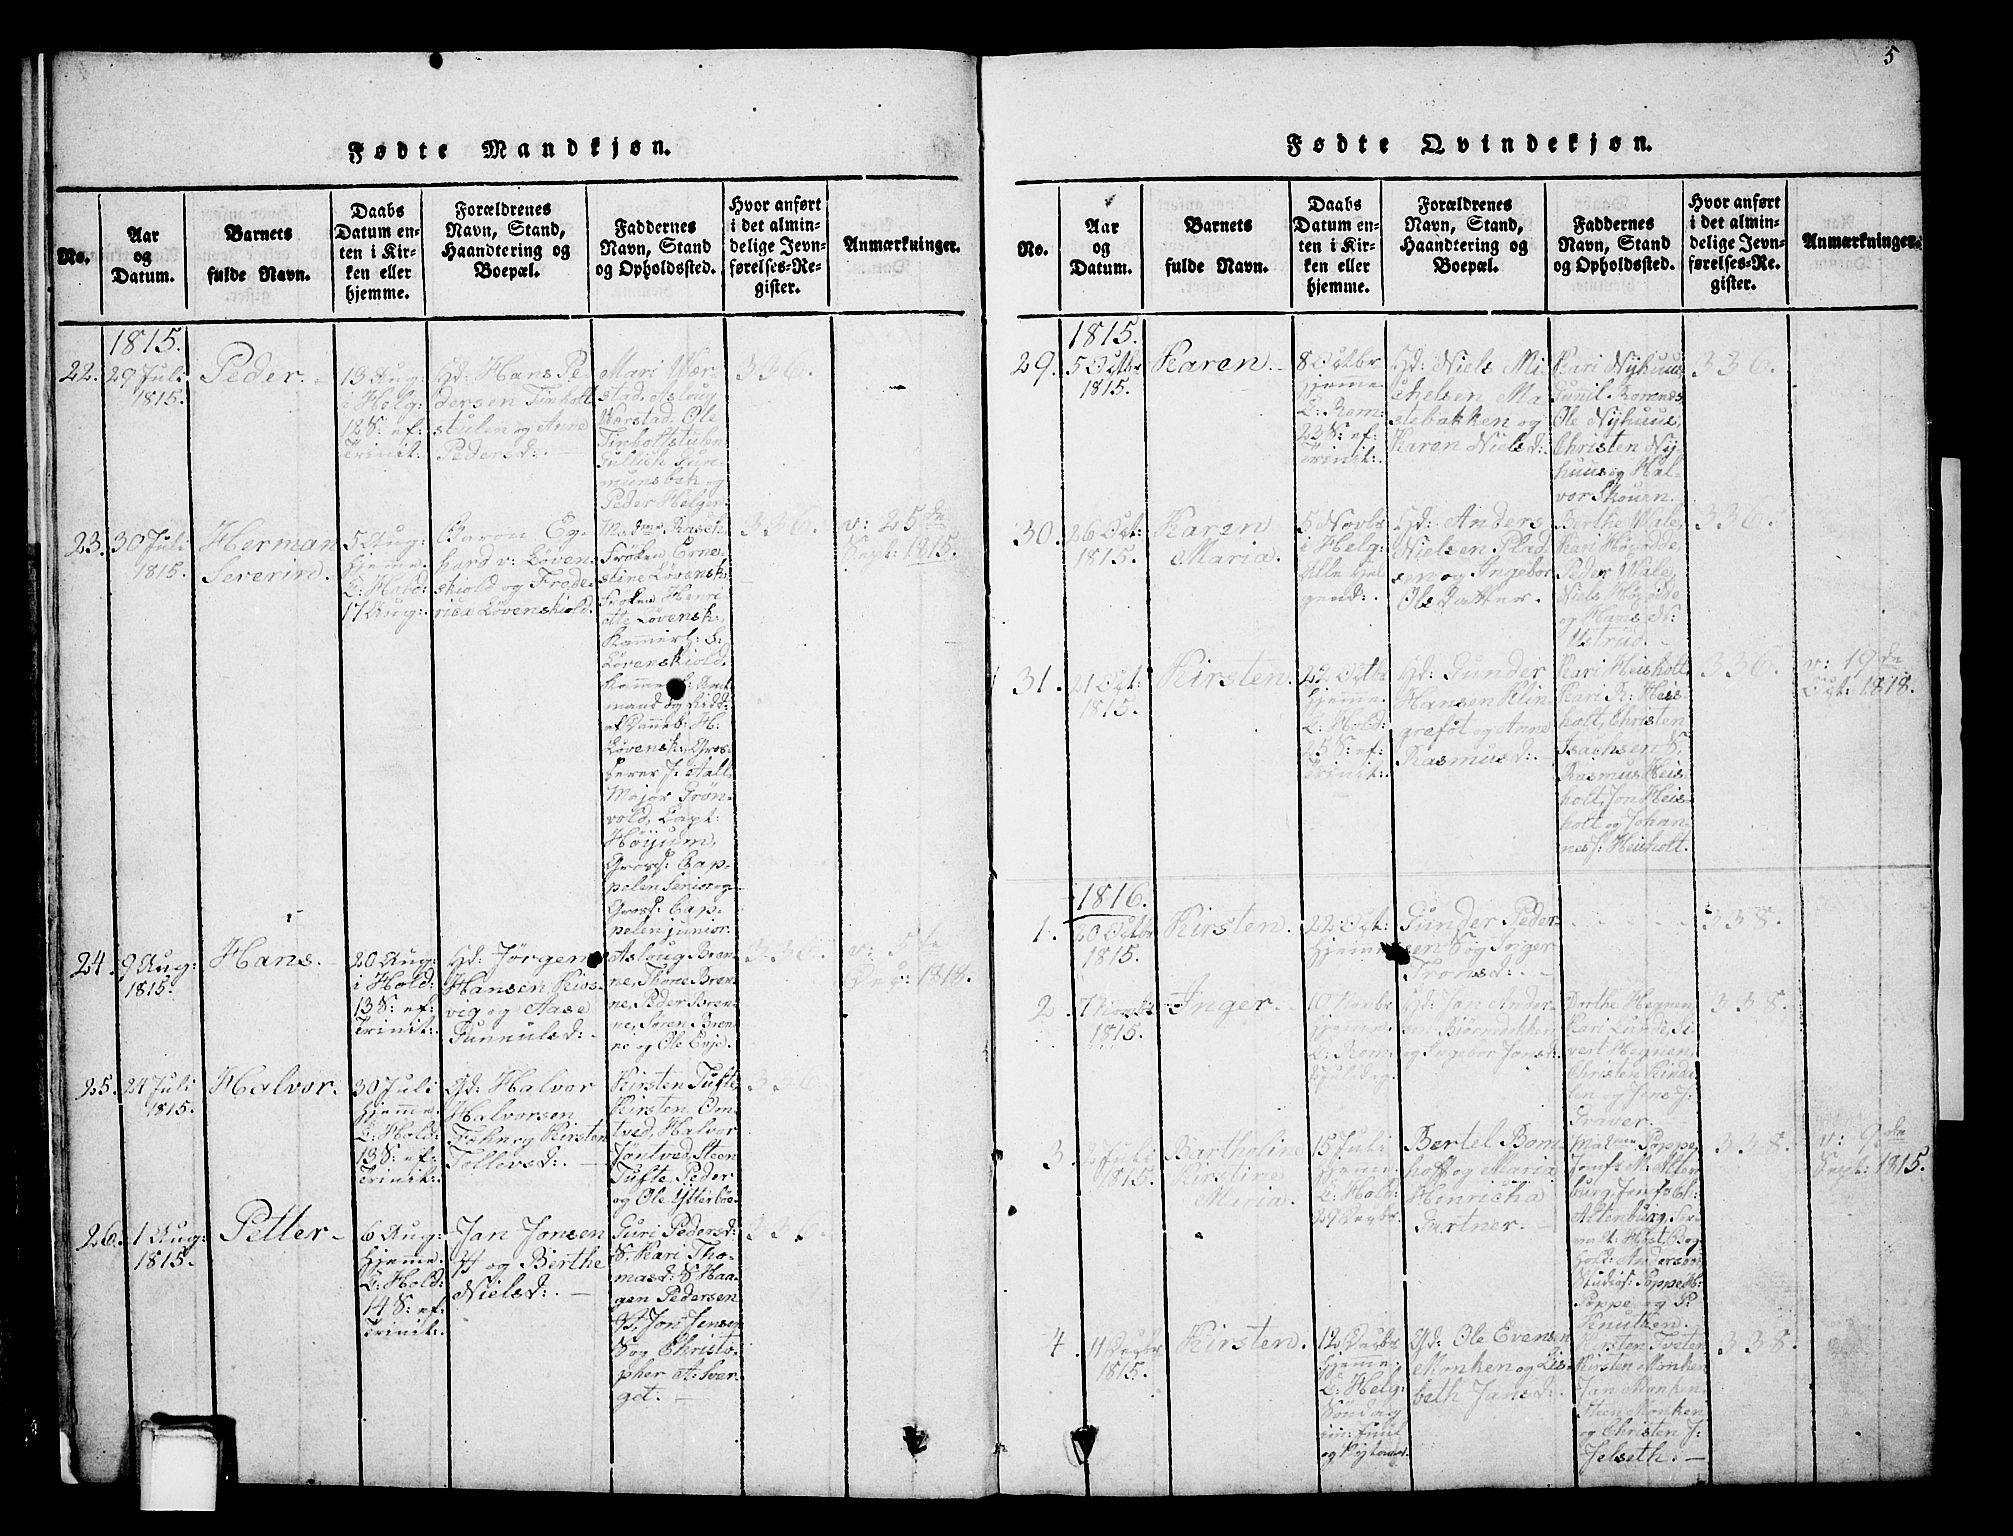 SAKO, Holla kirkebøker, G/Ga/L0001: Klokkerbok nr. I 1, 1814-1830, s. 5